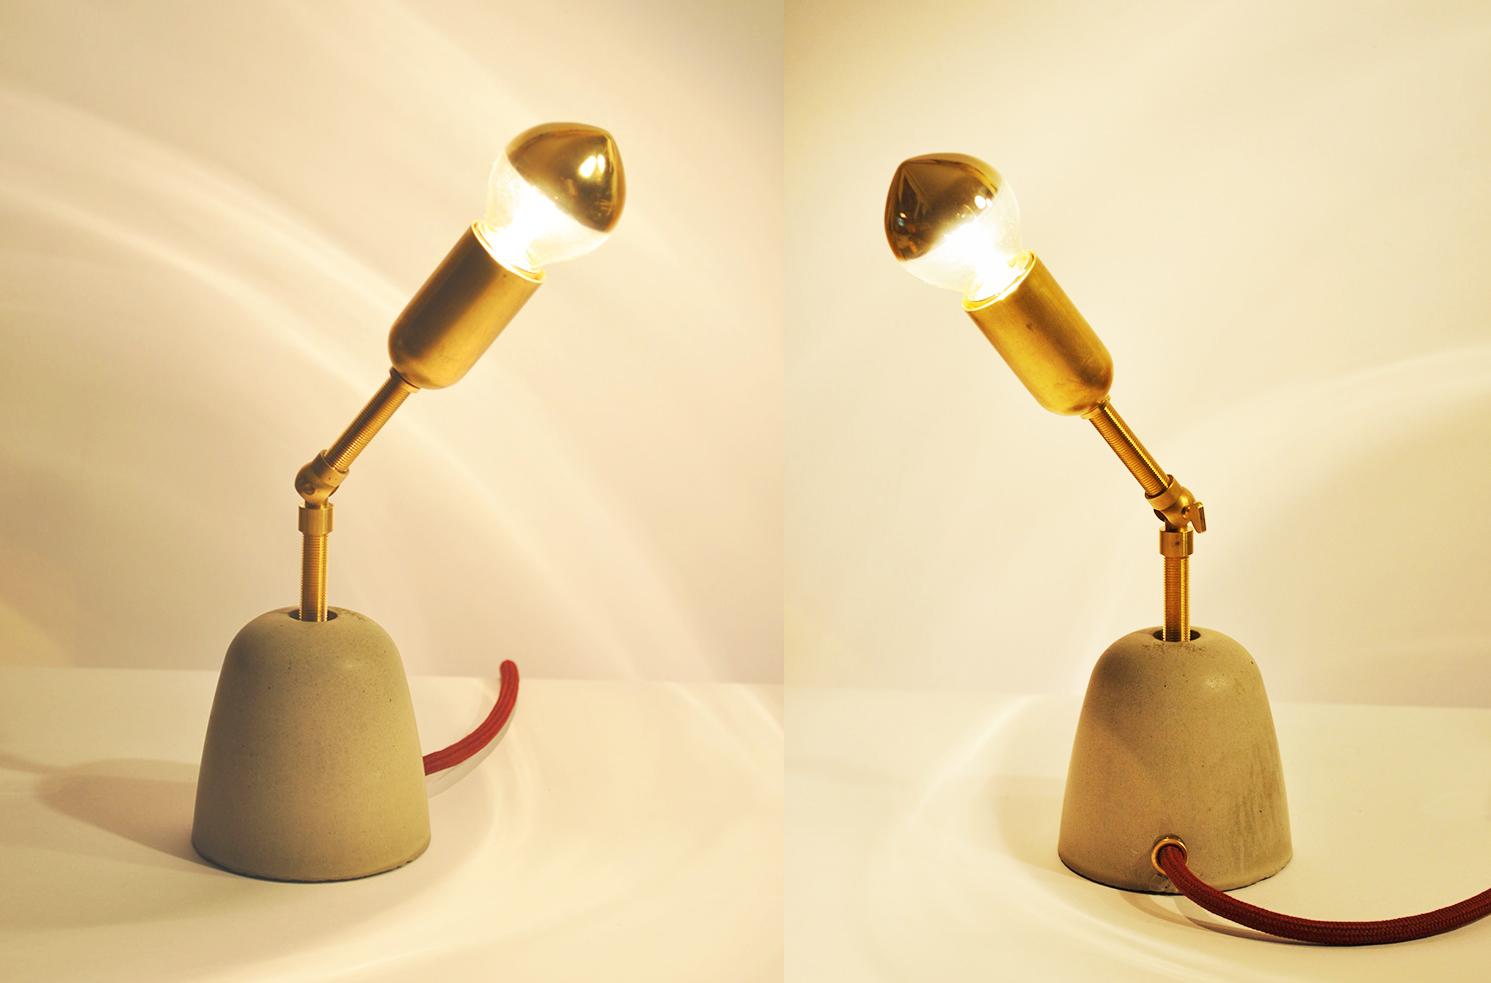 C-3PO Tischlampe_ Messingarm schwenkbar_ 28cm x 8cm x 8cm_ Goldverspiegelte Glühbirne 25W_  Bordeauxrotes Textilkabel_